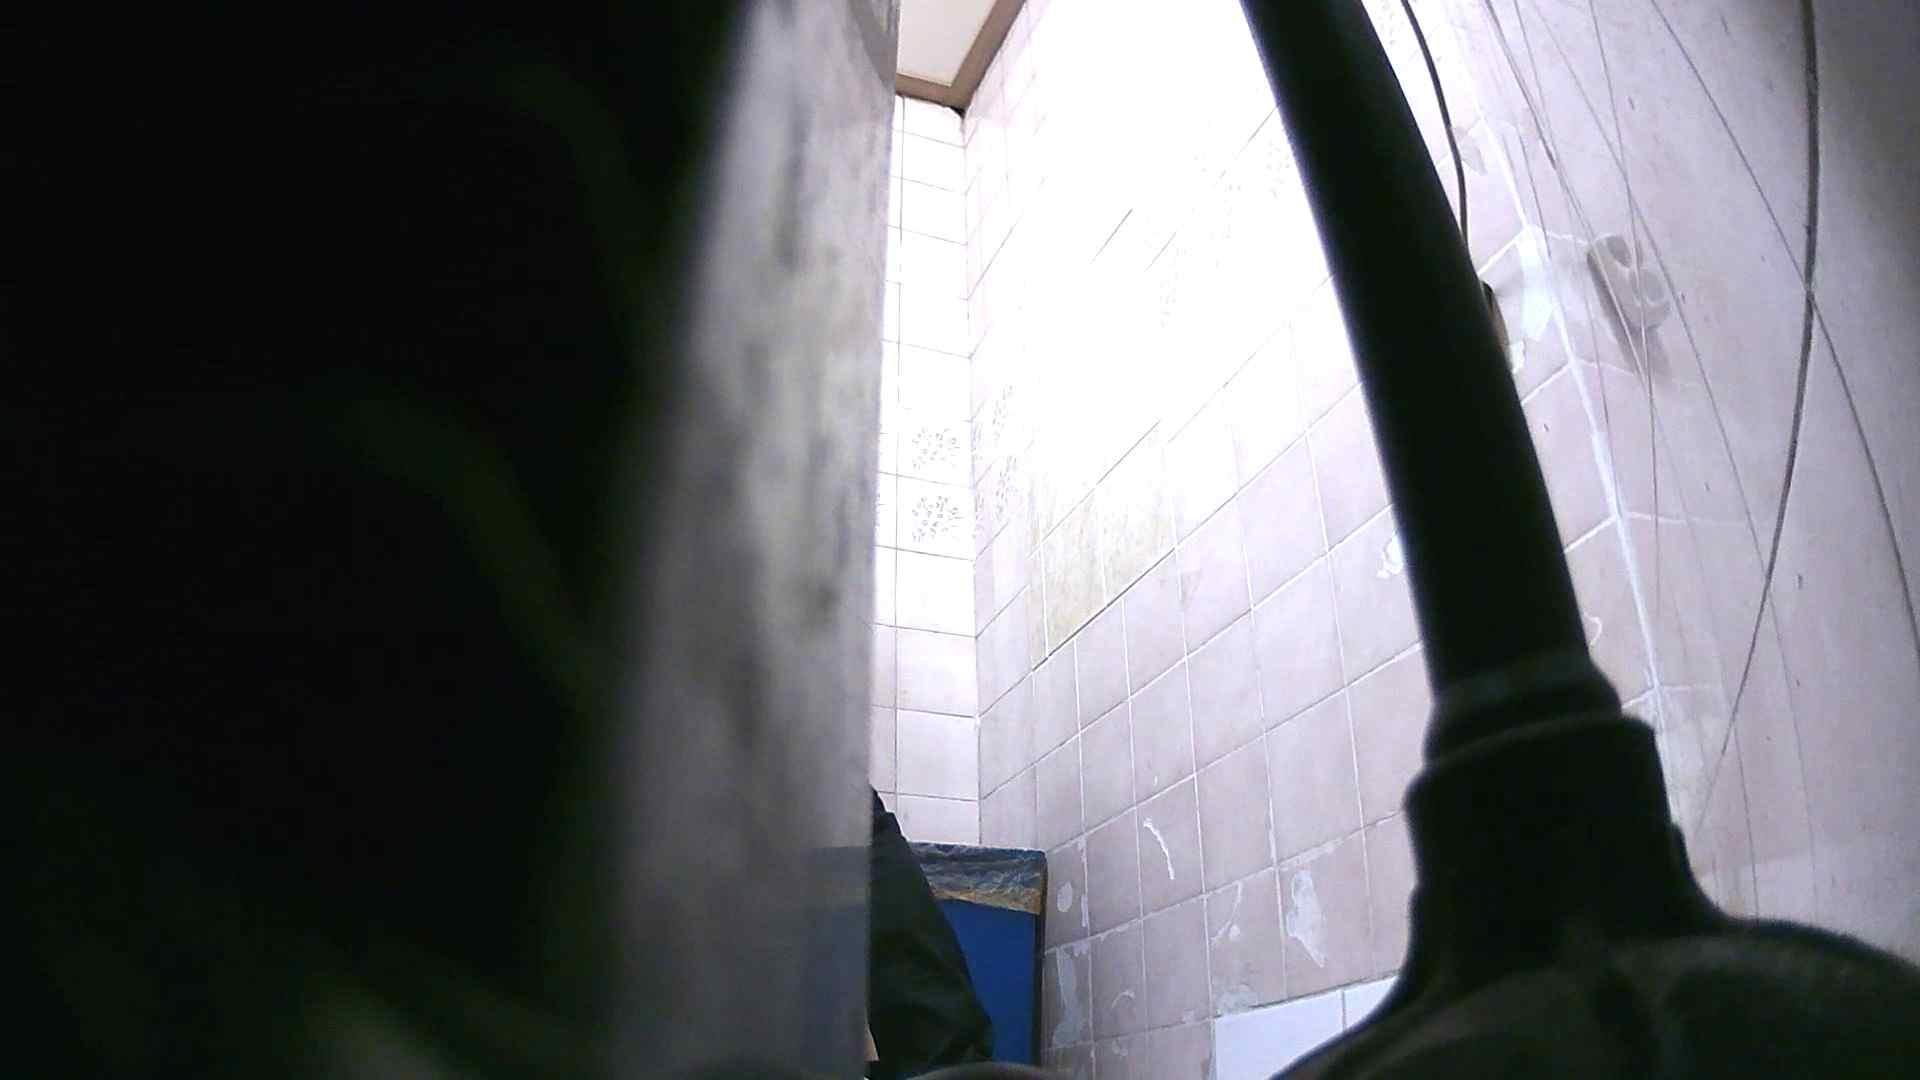 潜入!!韓国秘密のトイレ!Vol.16 すけべなOL | 潜入報告  105画像 9